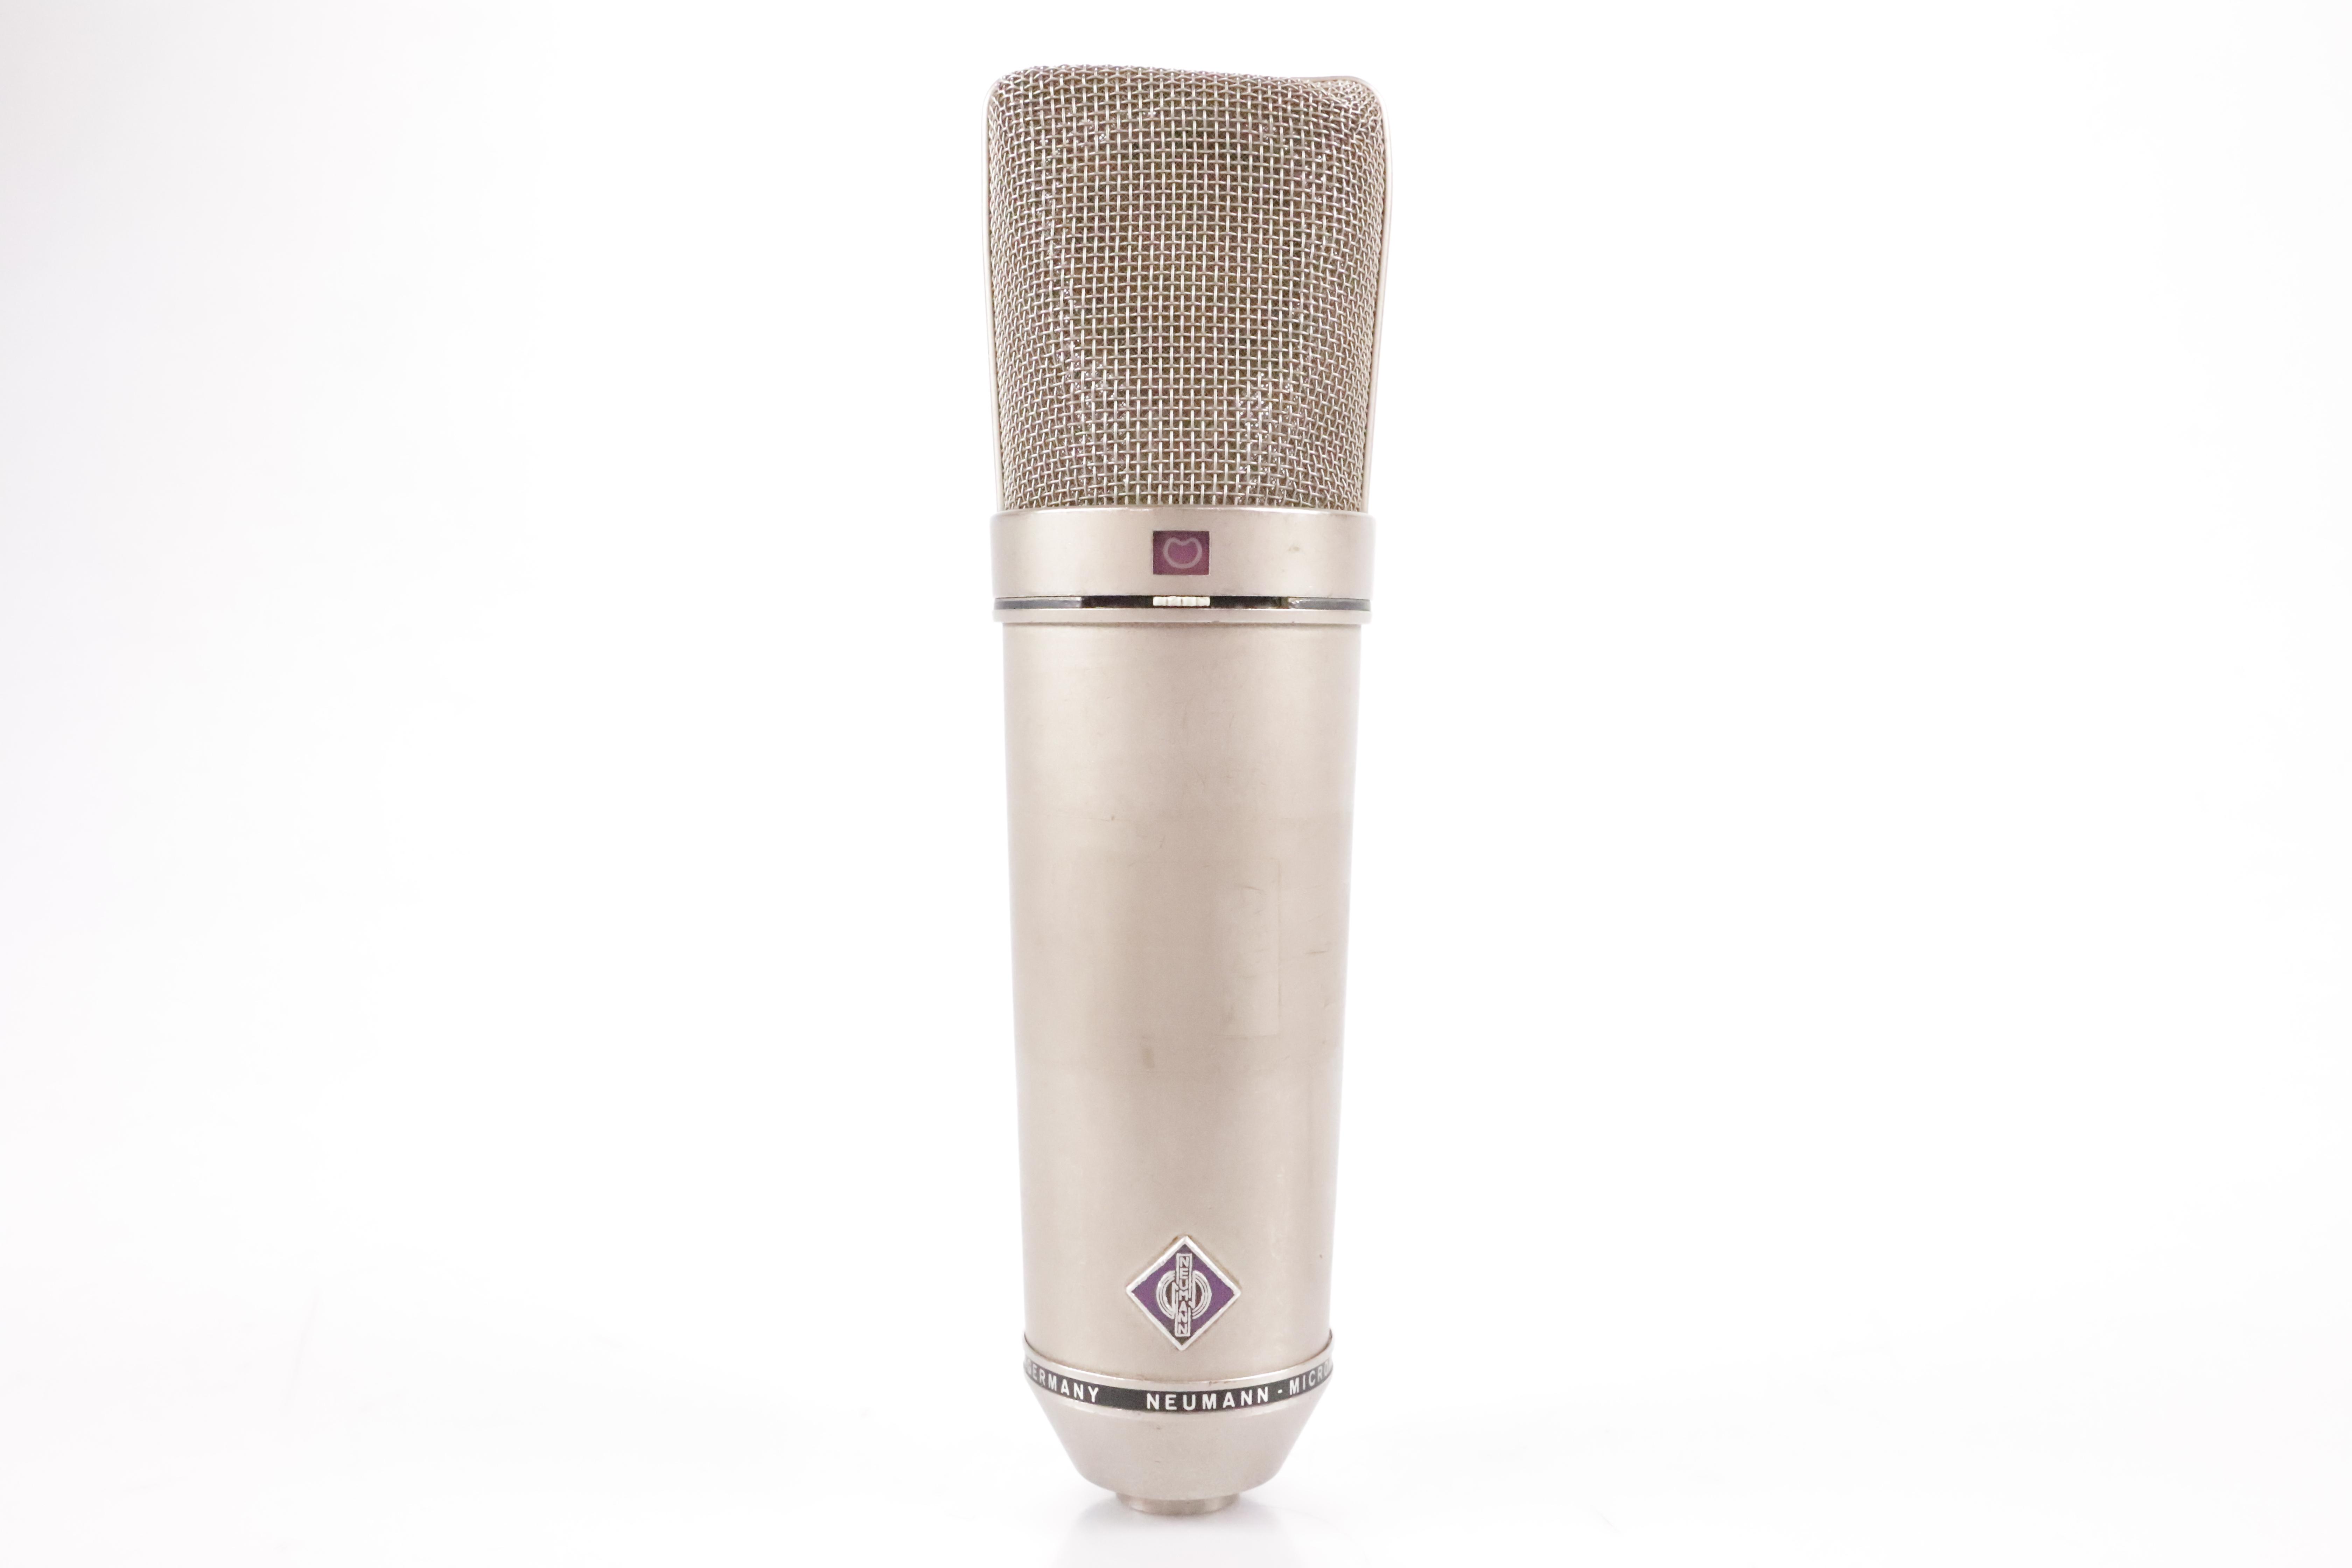 Vintage Neumann U 87 Condenser Microphone Mic w/ Case & Shockmount U87 #34824